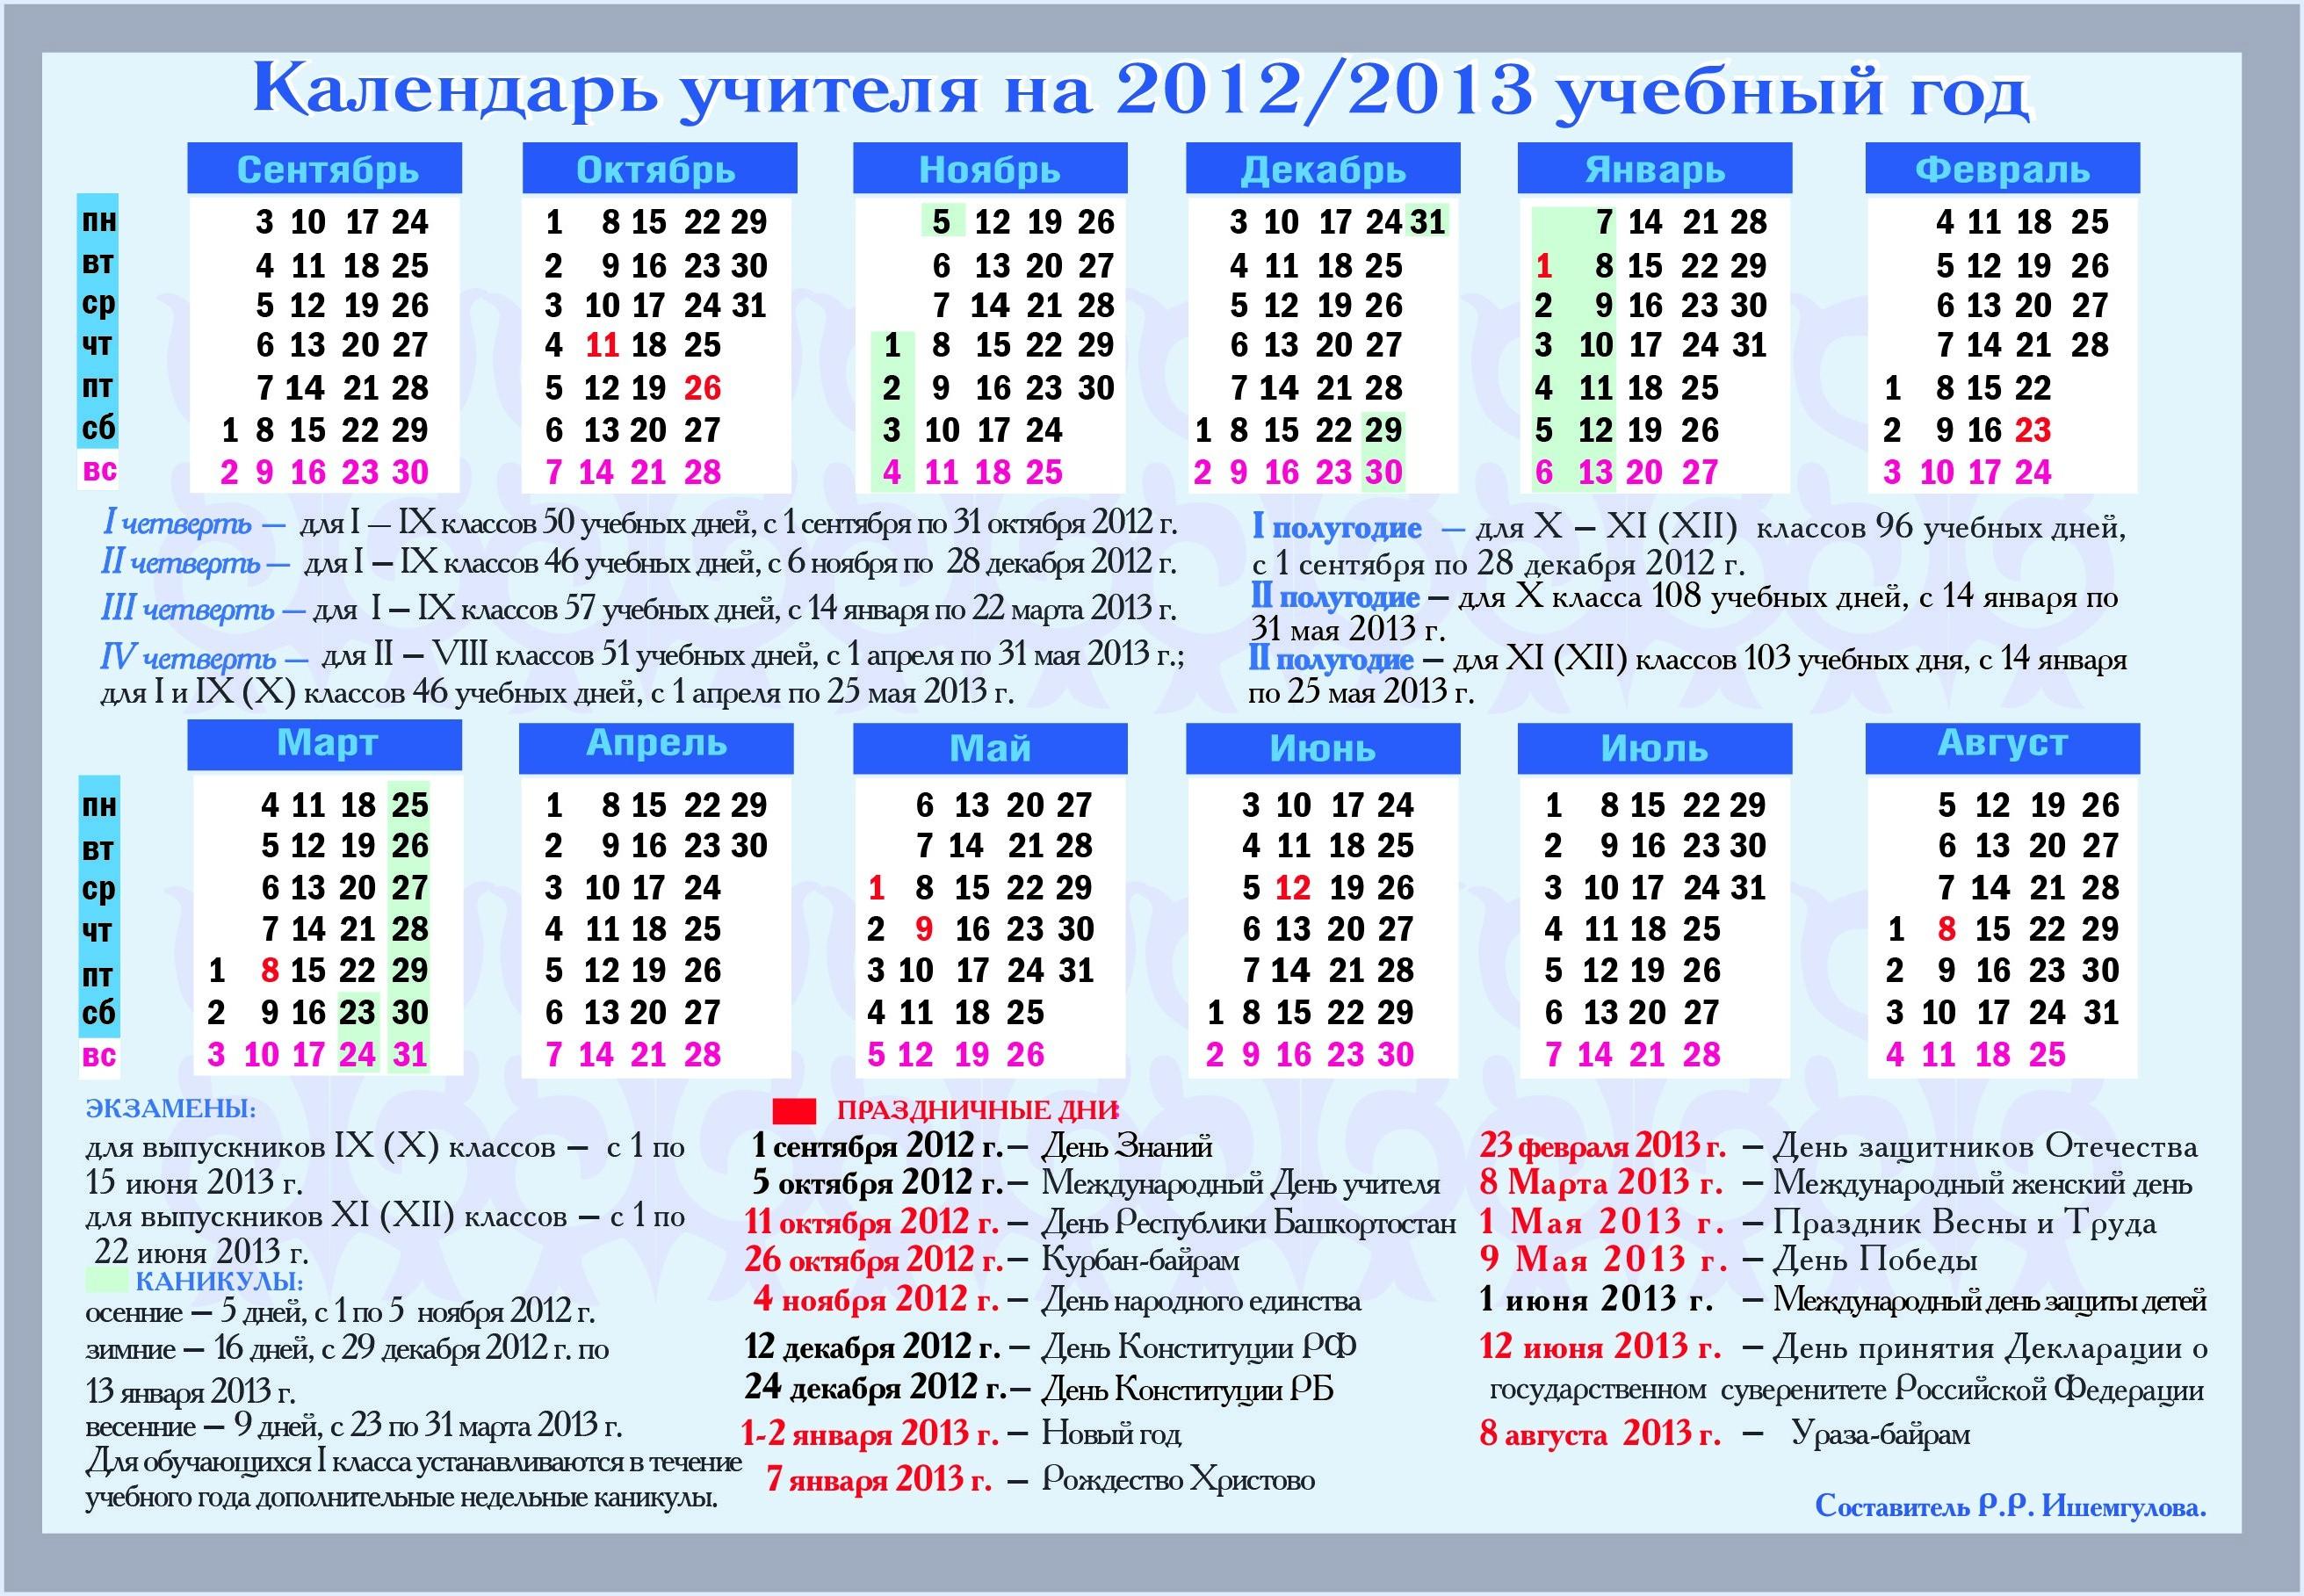 Каждый год человечество отмечает особые даты в календаре, когда известному деятелю или писателю отмечается юбилей